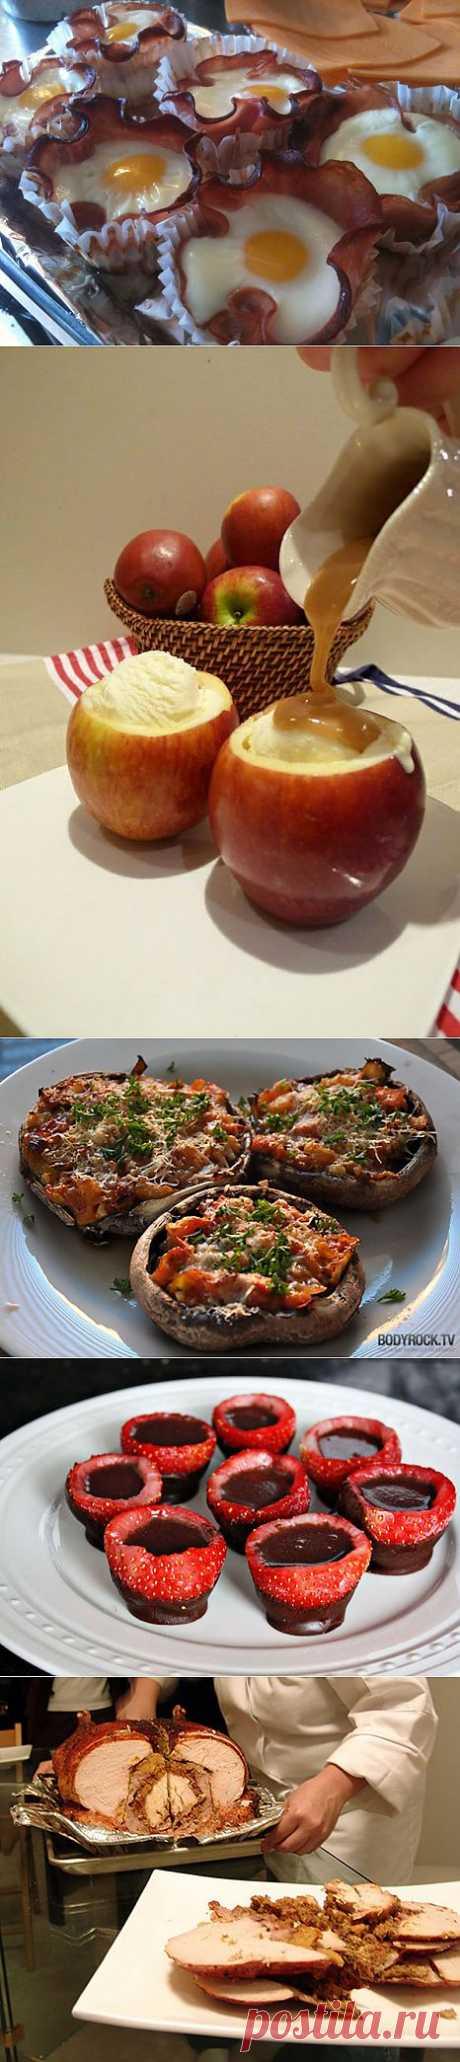 12 вкусных блюд внутри других продуктов - 19 Января 2013 - ВкусноВсё